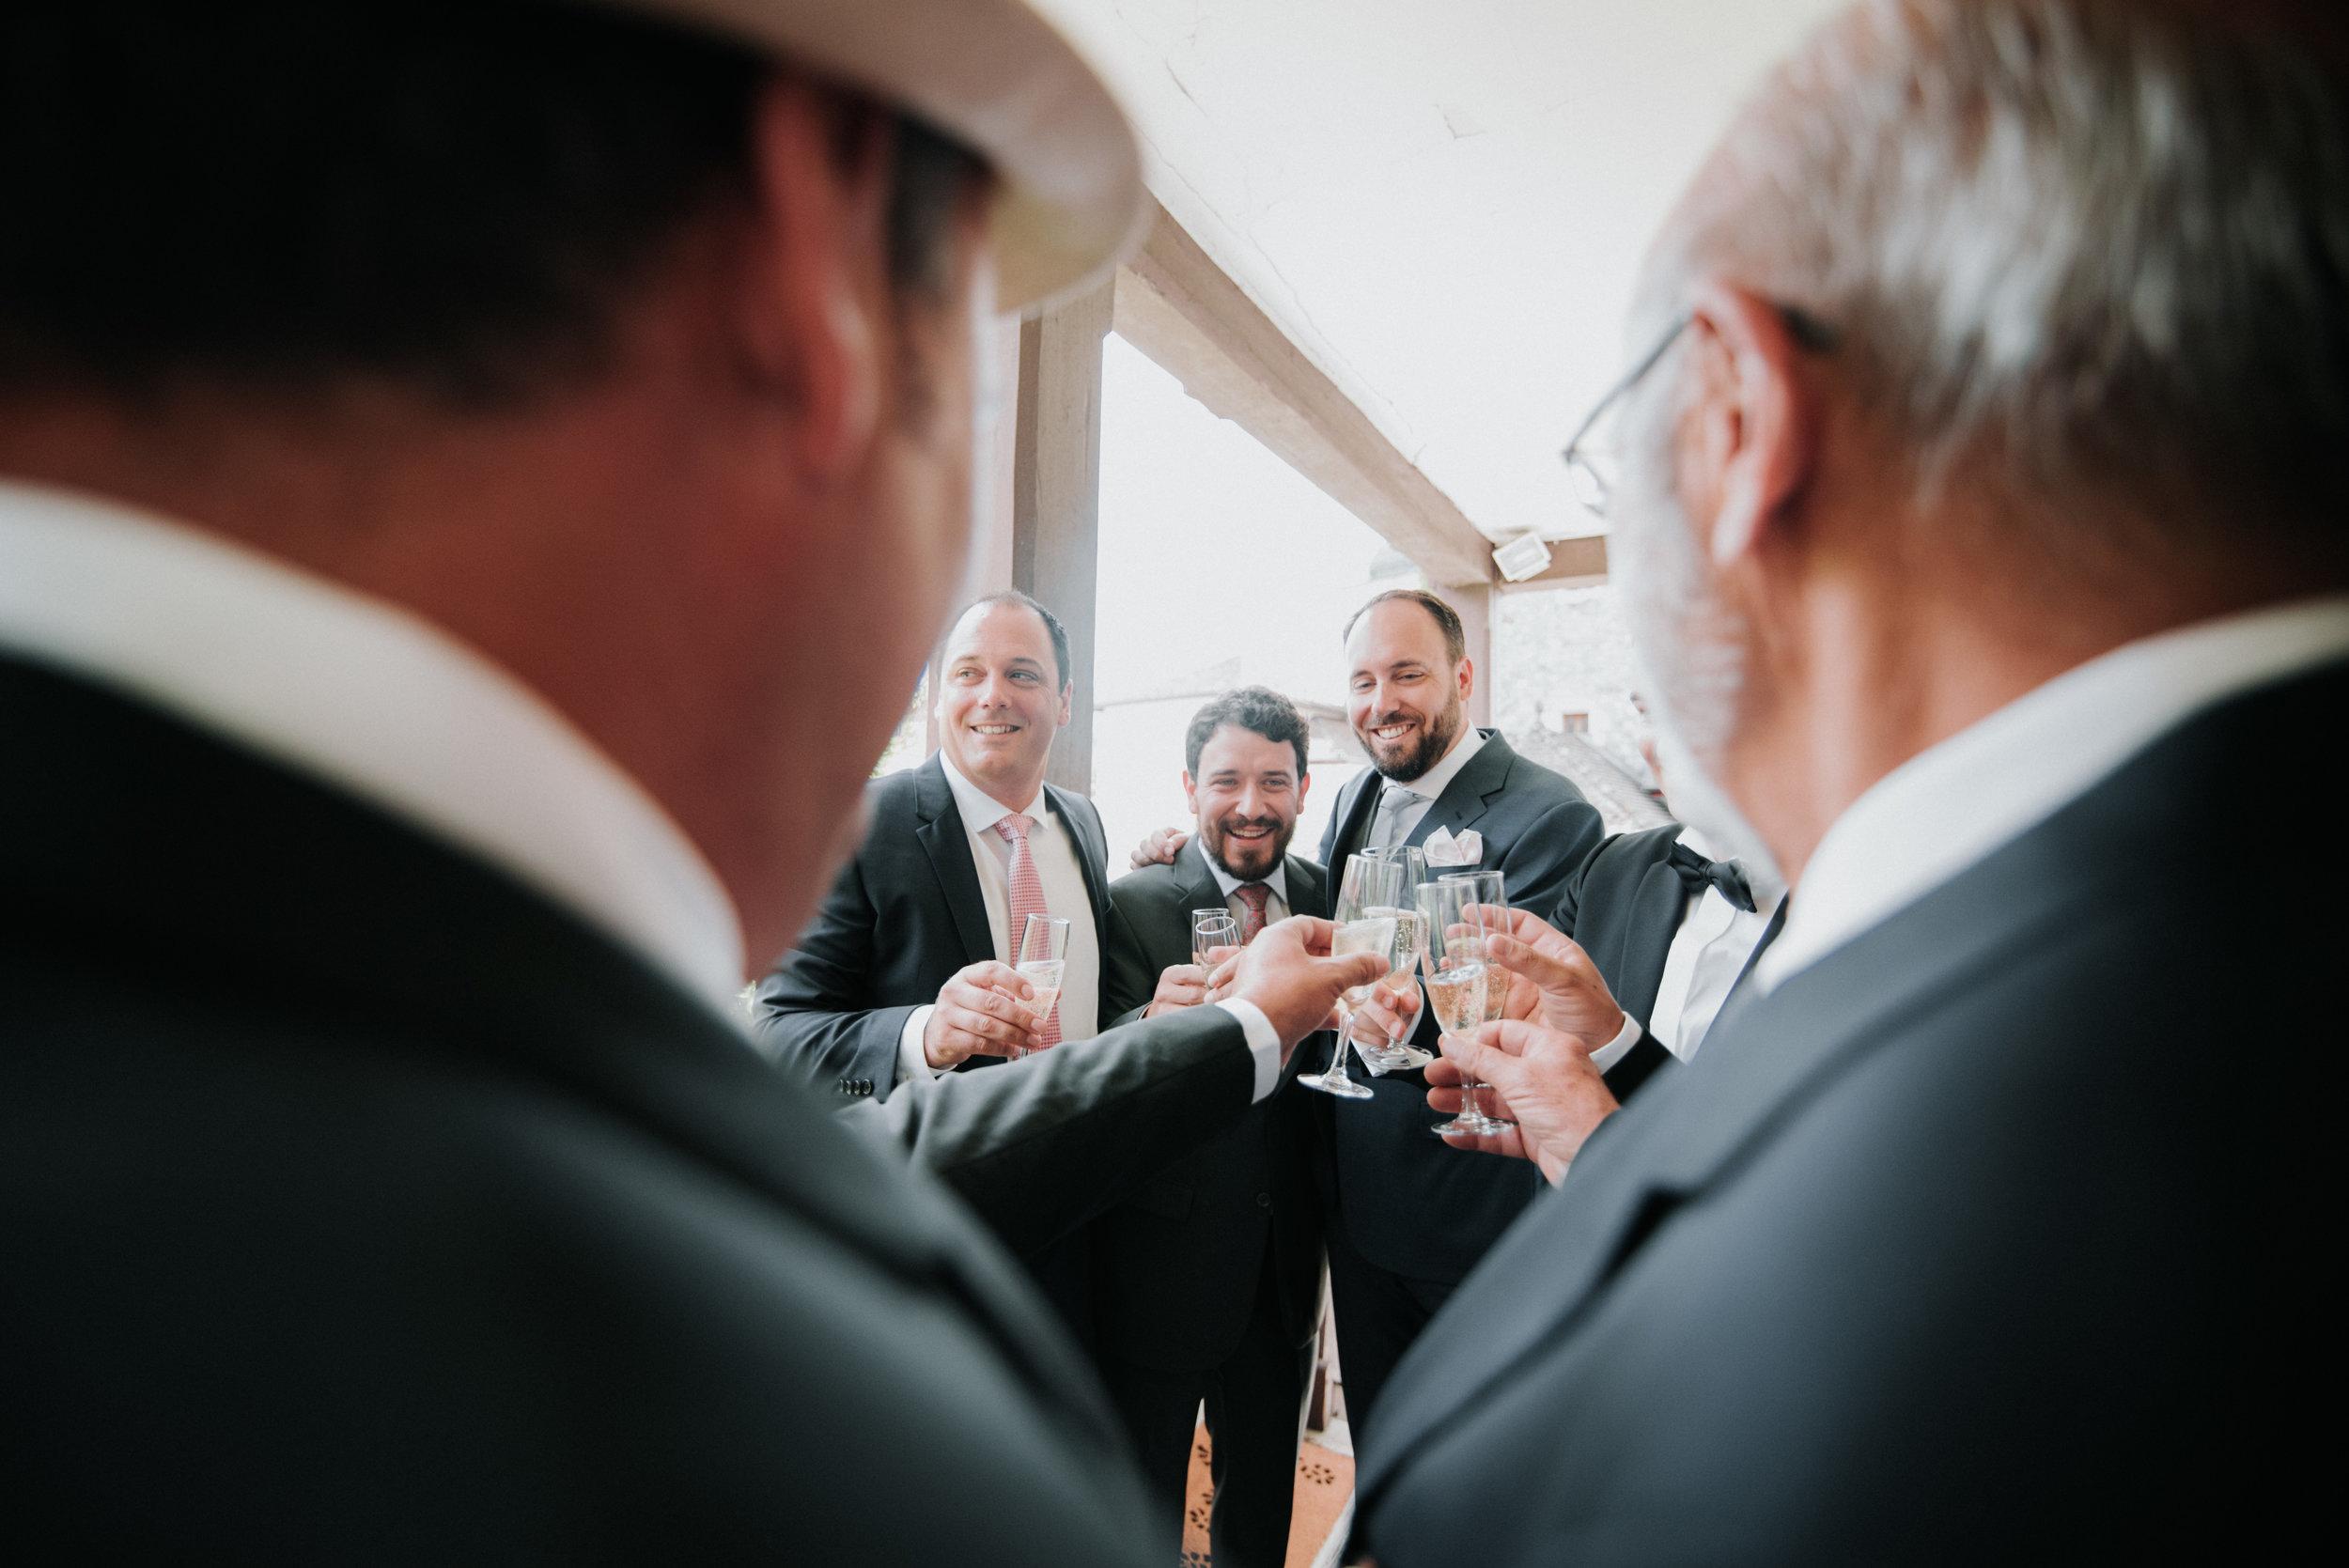 Léa-Fery-photographe-professionnel-lyon-rhone-alpes-portrait-creation-mariage-evenement-evenementiel-famille-2-64.jpg